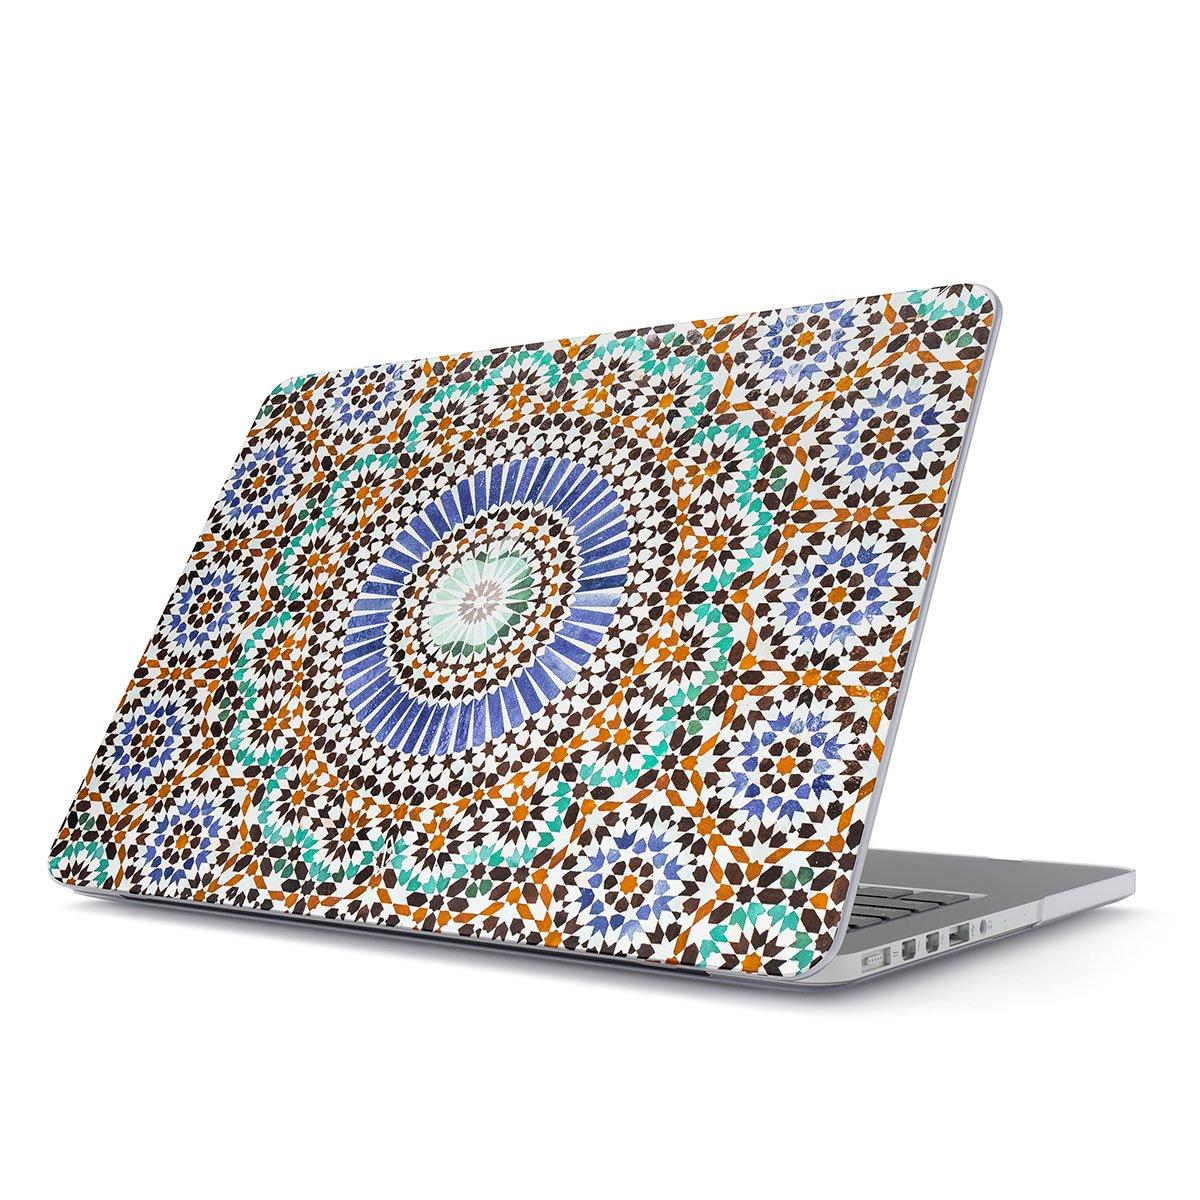 BURGA Funda para MacBook Air 13 3 Pulgadas, Modelo: A1466 / A1369 Vistoso Mosaic Colorful Boho Moroccan Dura Carcasa Rígida